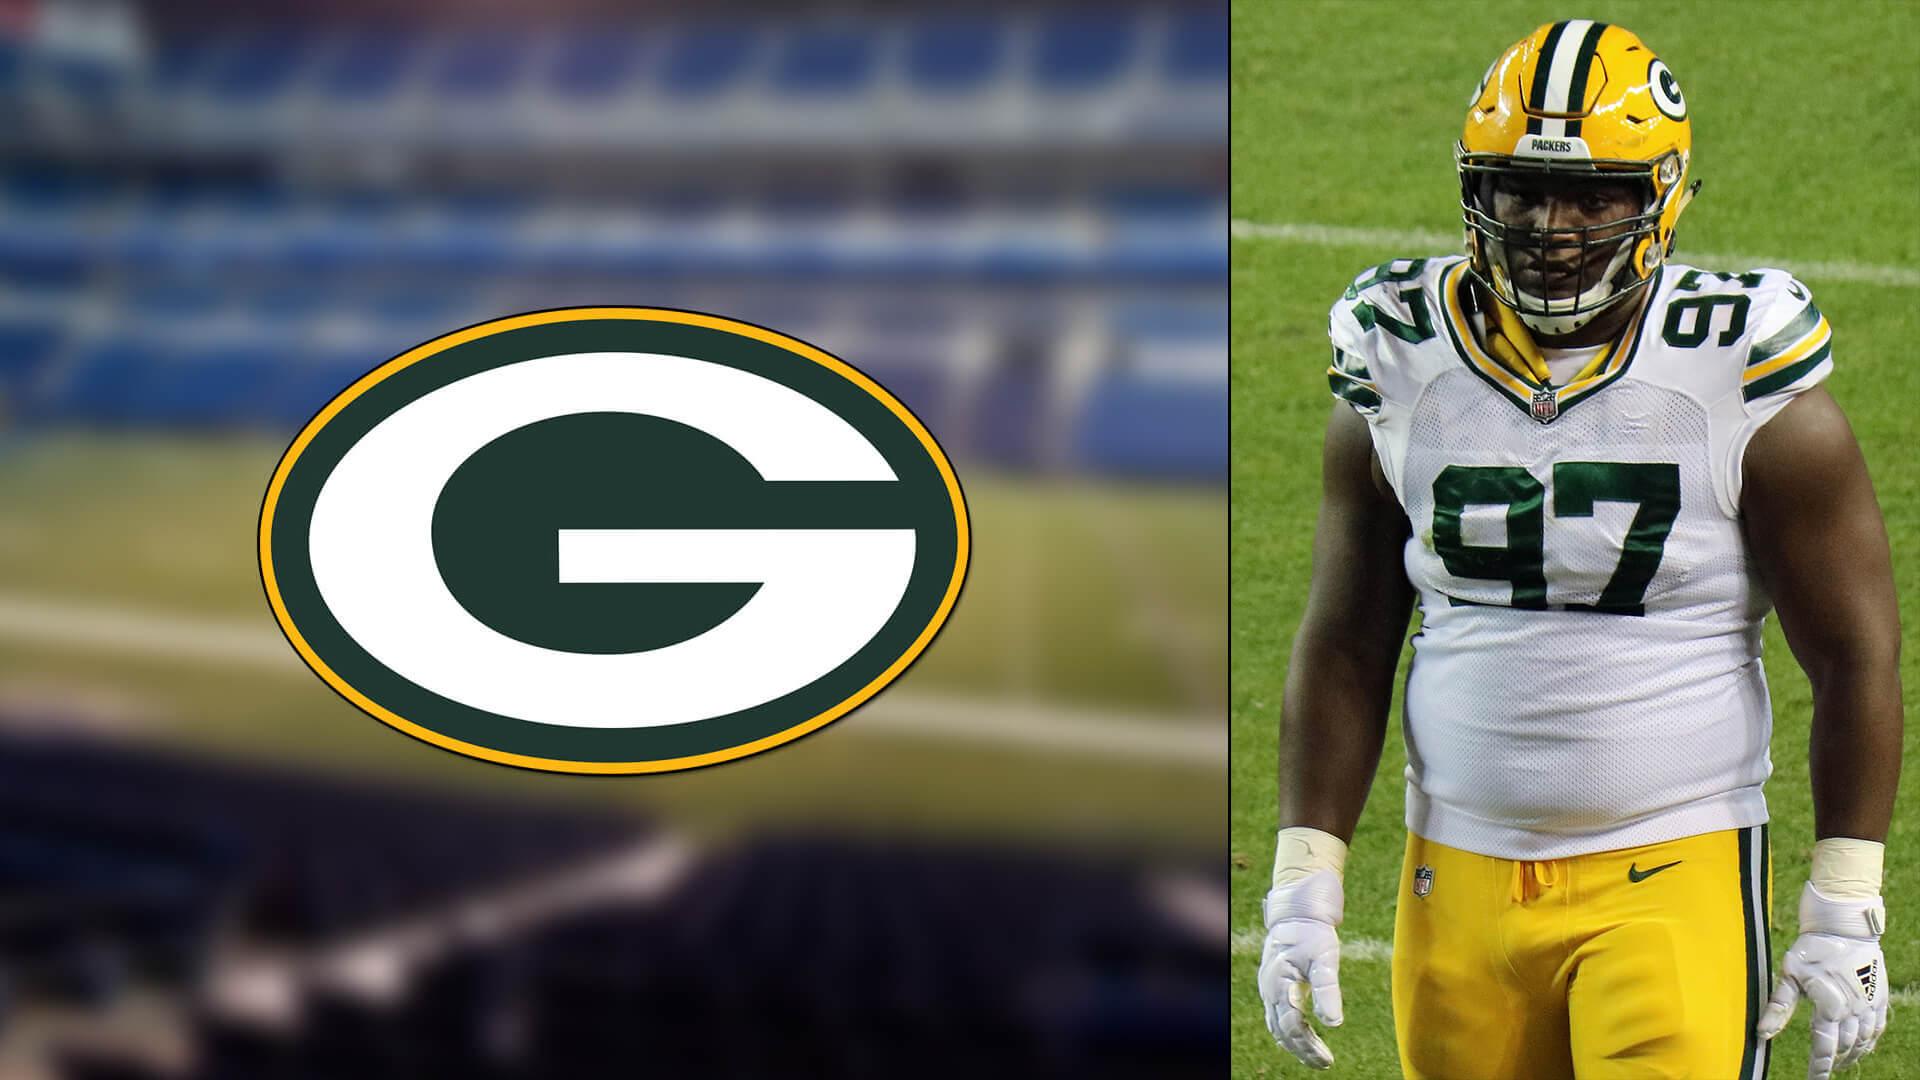 Kenny Clark, Packers ile Uzatma Anlaşması İmzaladı | Korumalı Futbol Türkiye